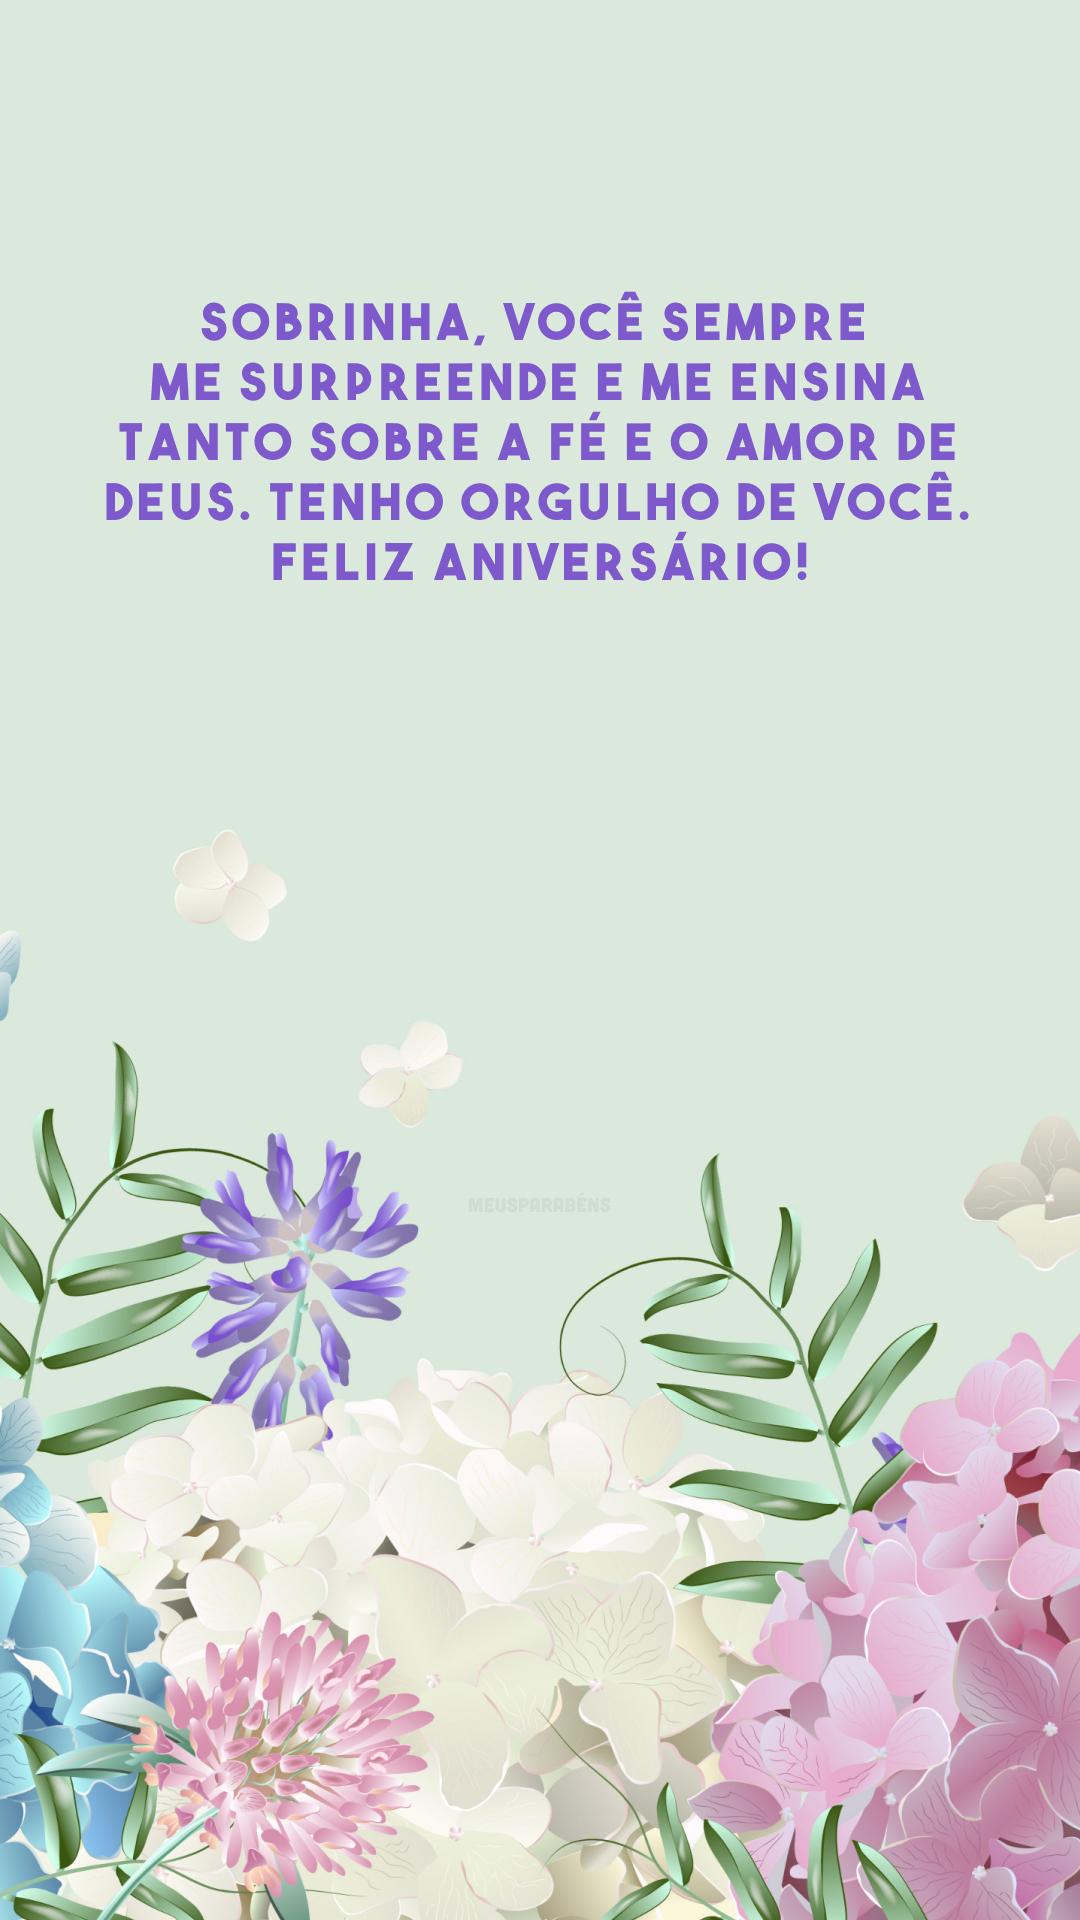 Sobrinha, você sempre me surpreende e me ensina tanto sobre a fé e o amor de Deus. Tenho orgulho de você. Feliz aniversário!